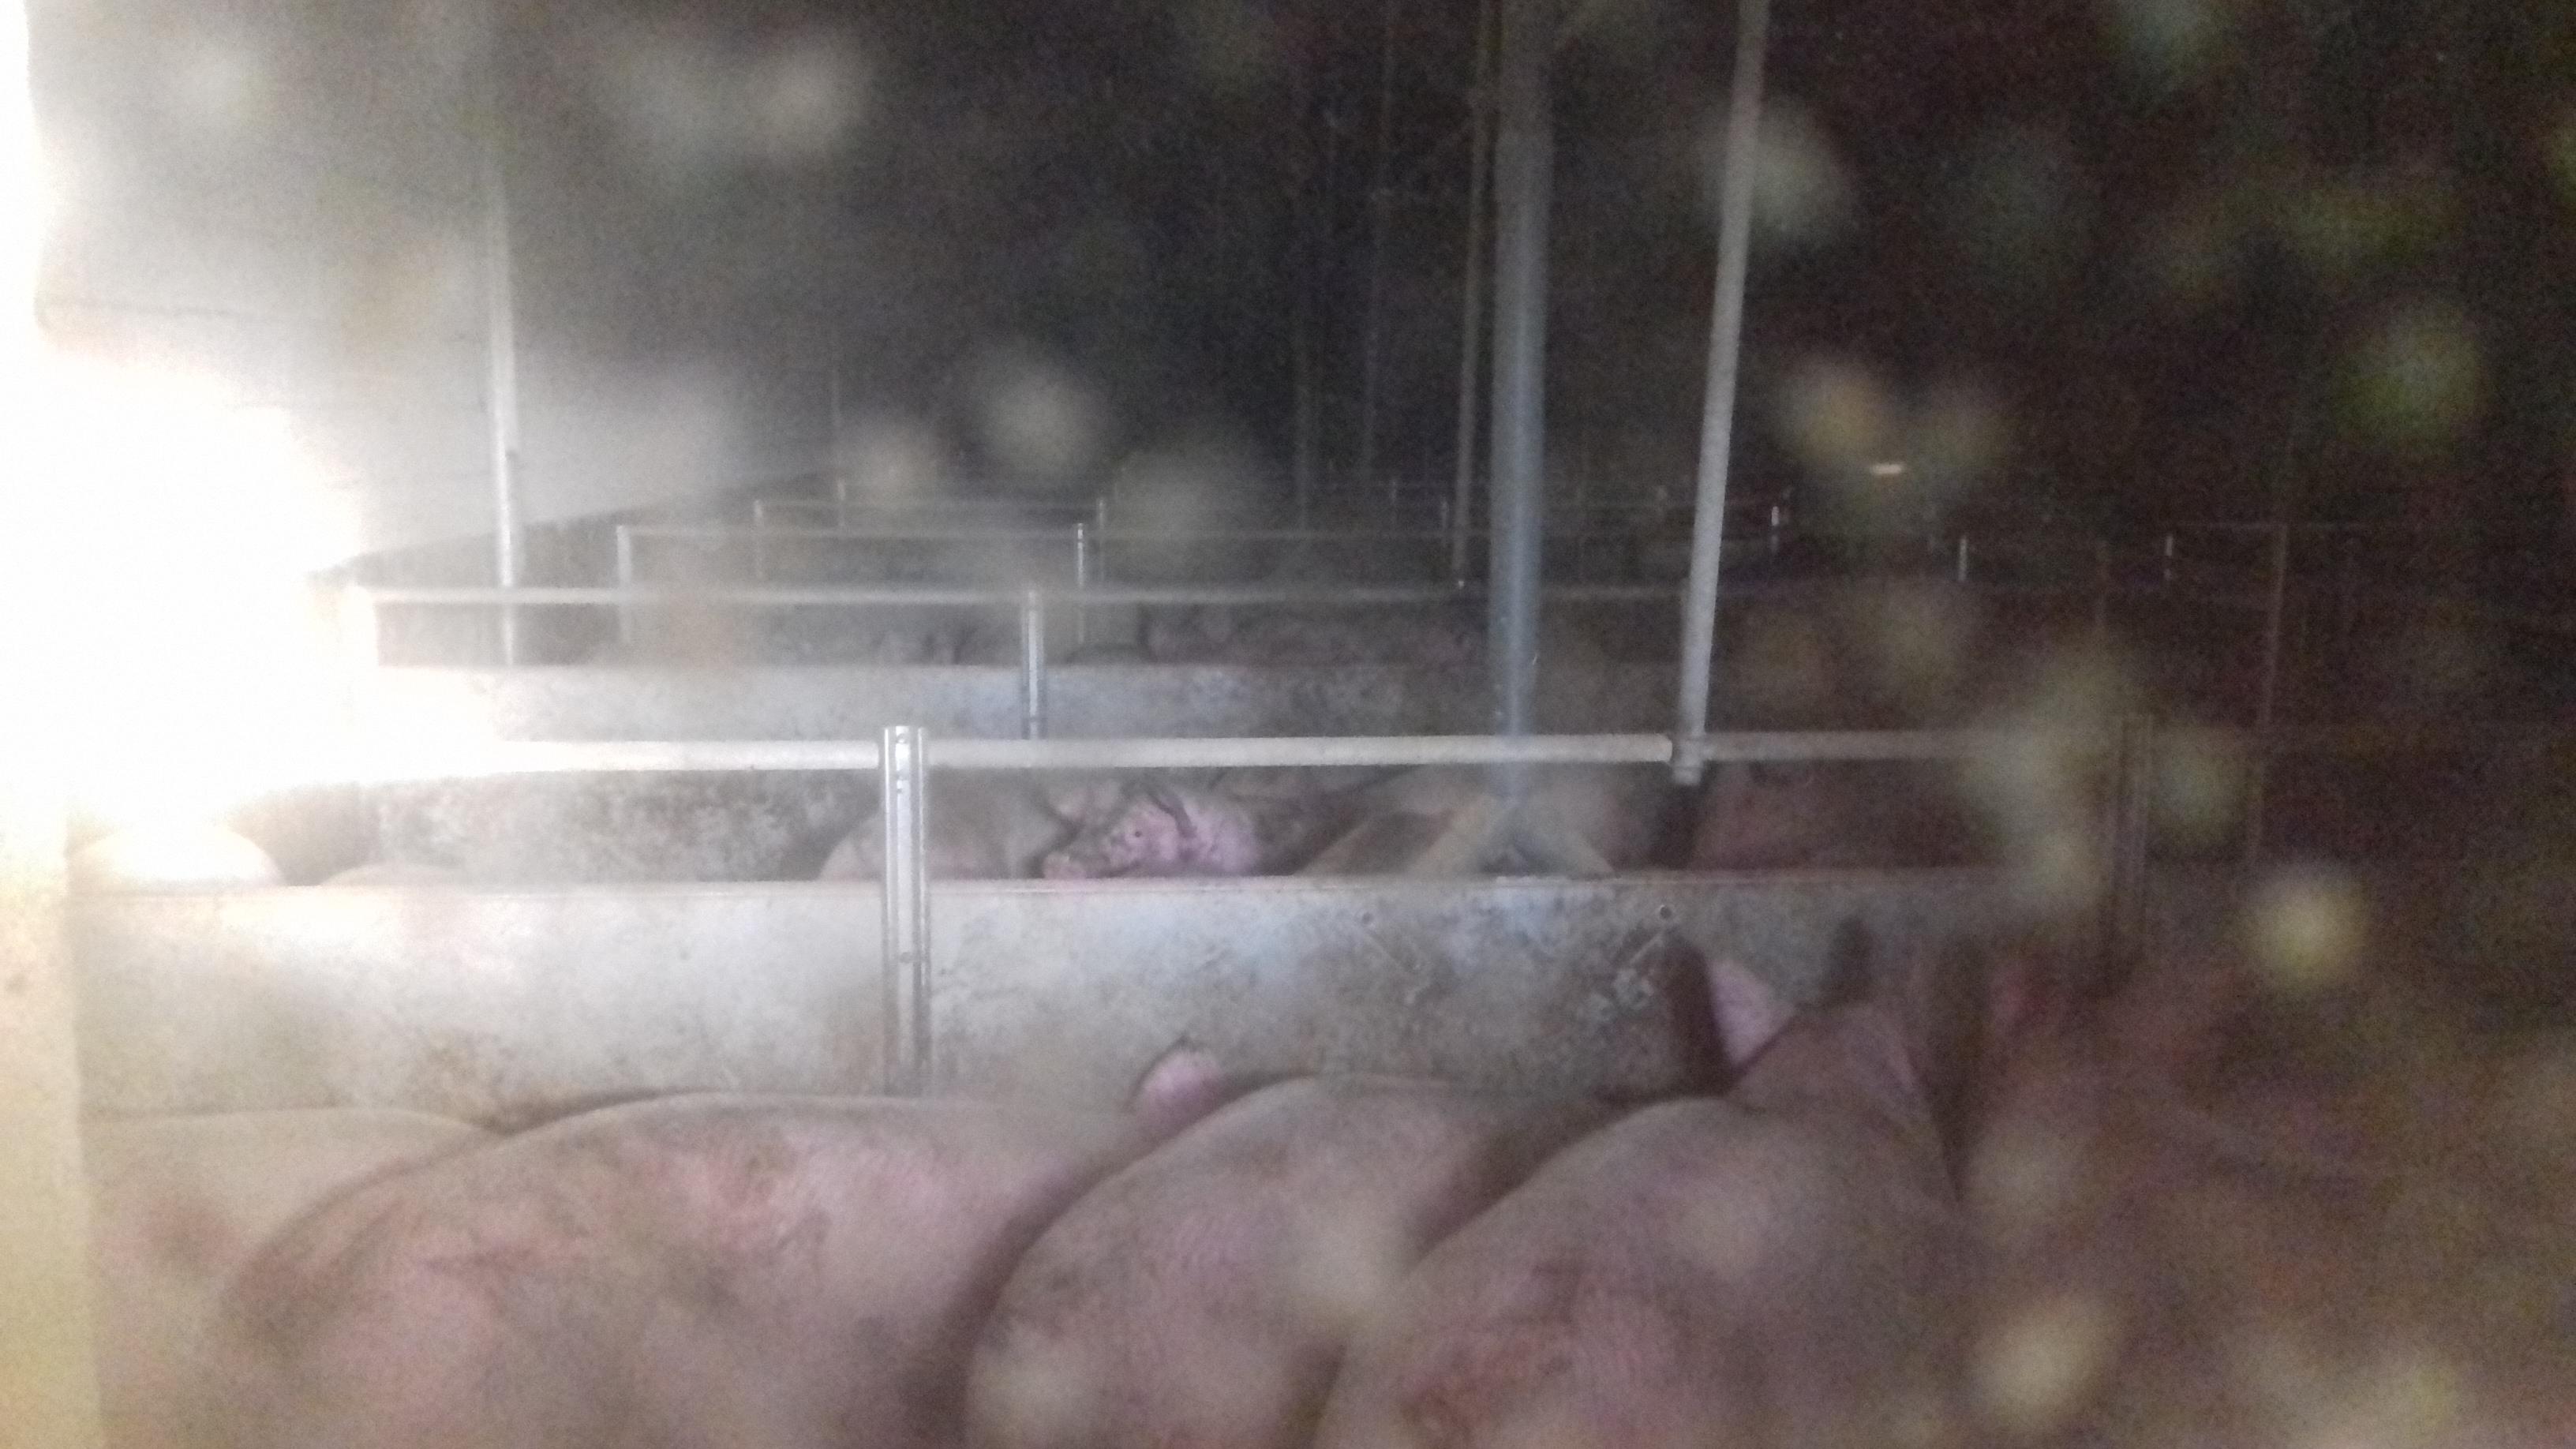 Vleesvarkens in kale, donkere hokken